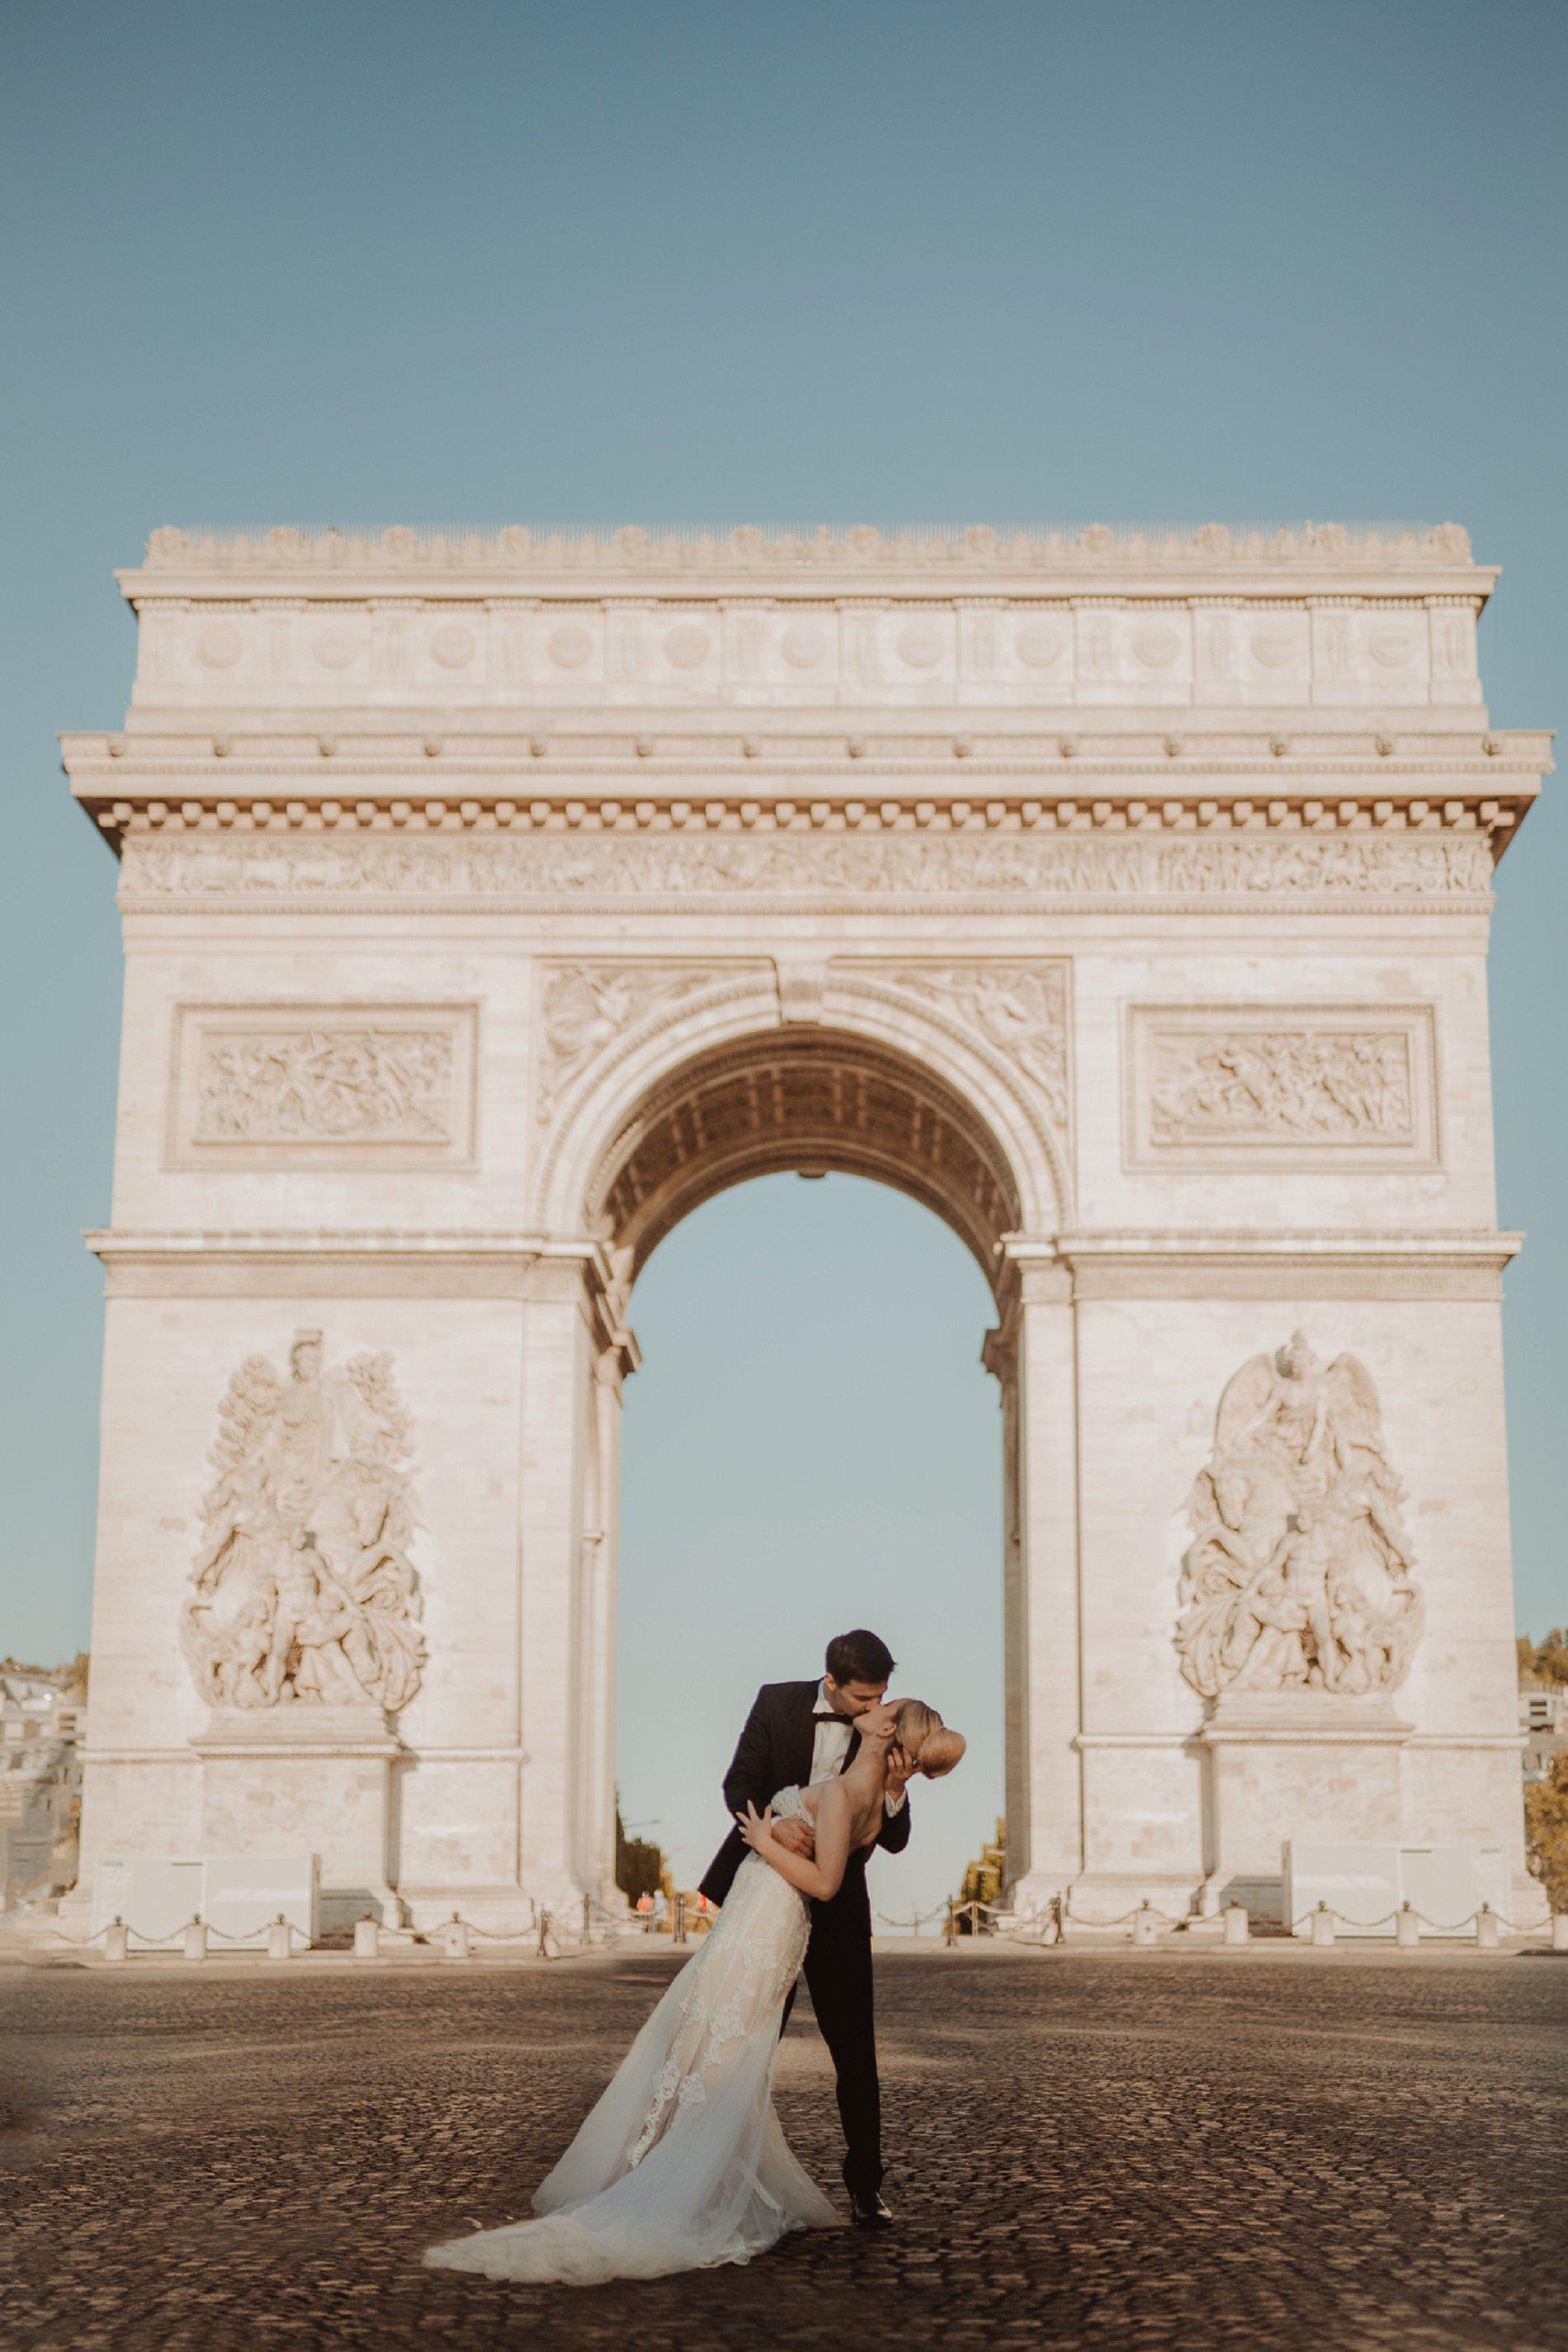 Miss He Bridal Romantic Paris Elopement (c) Xanthe Rowland Photography (36)